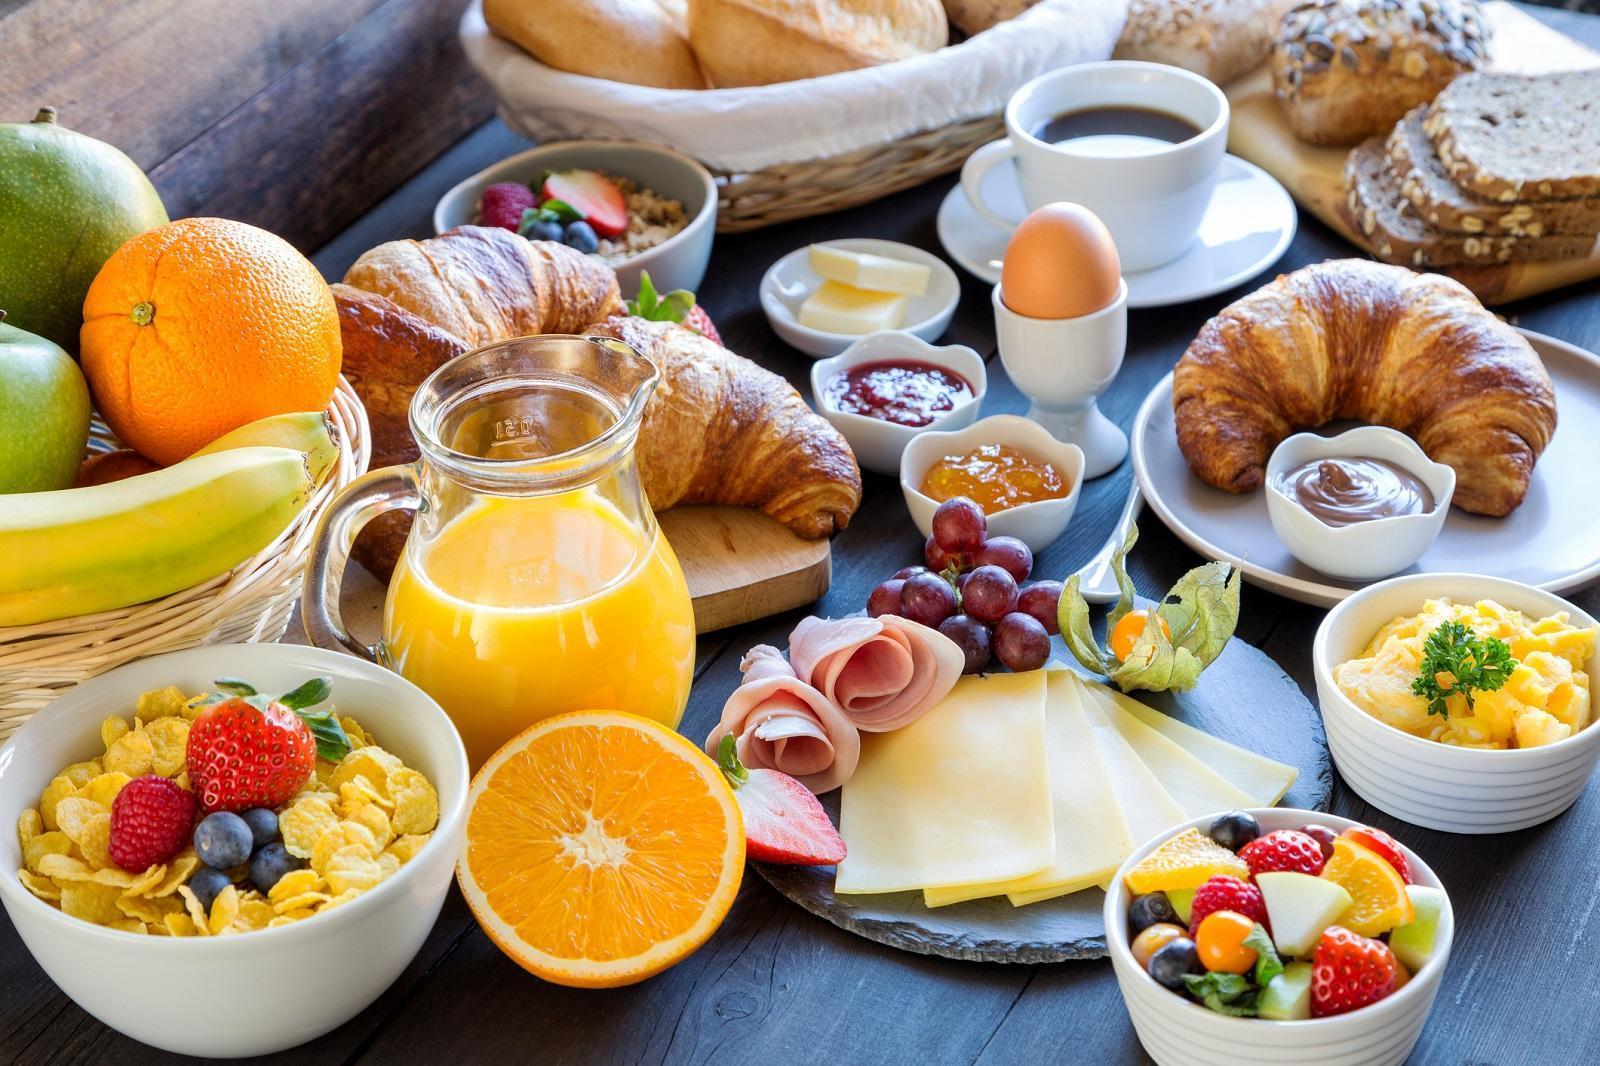 Rola wyżywienia w trakcie pobytu hotelowego